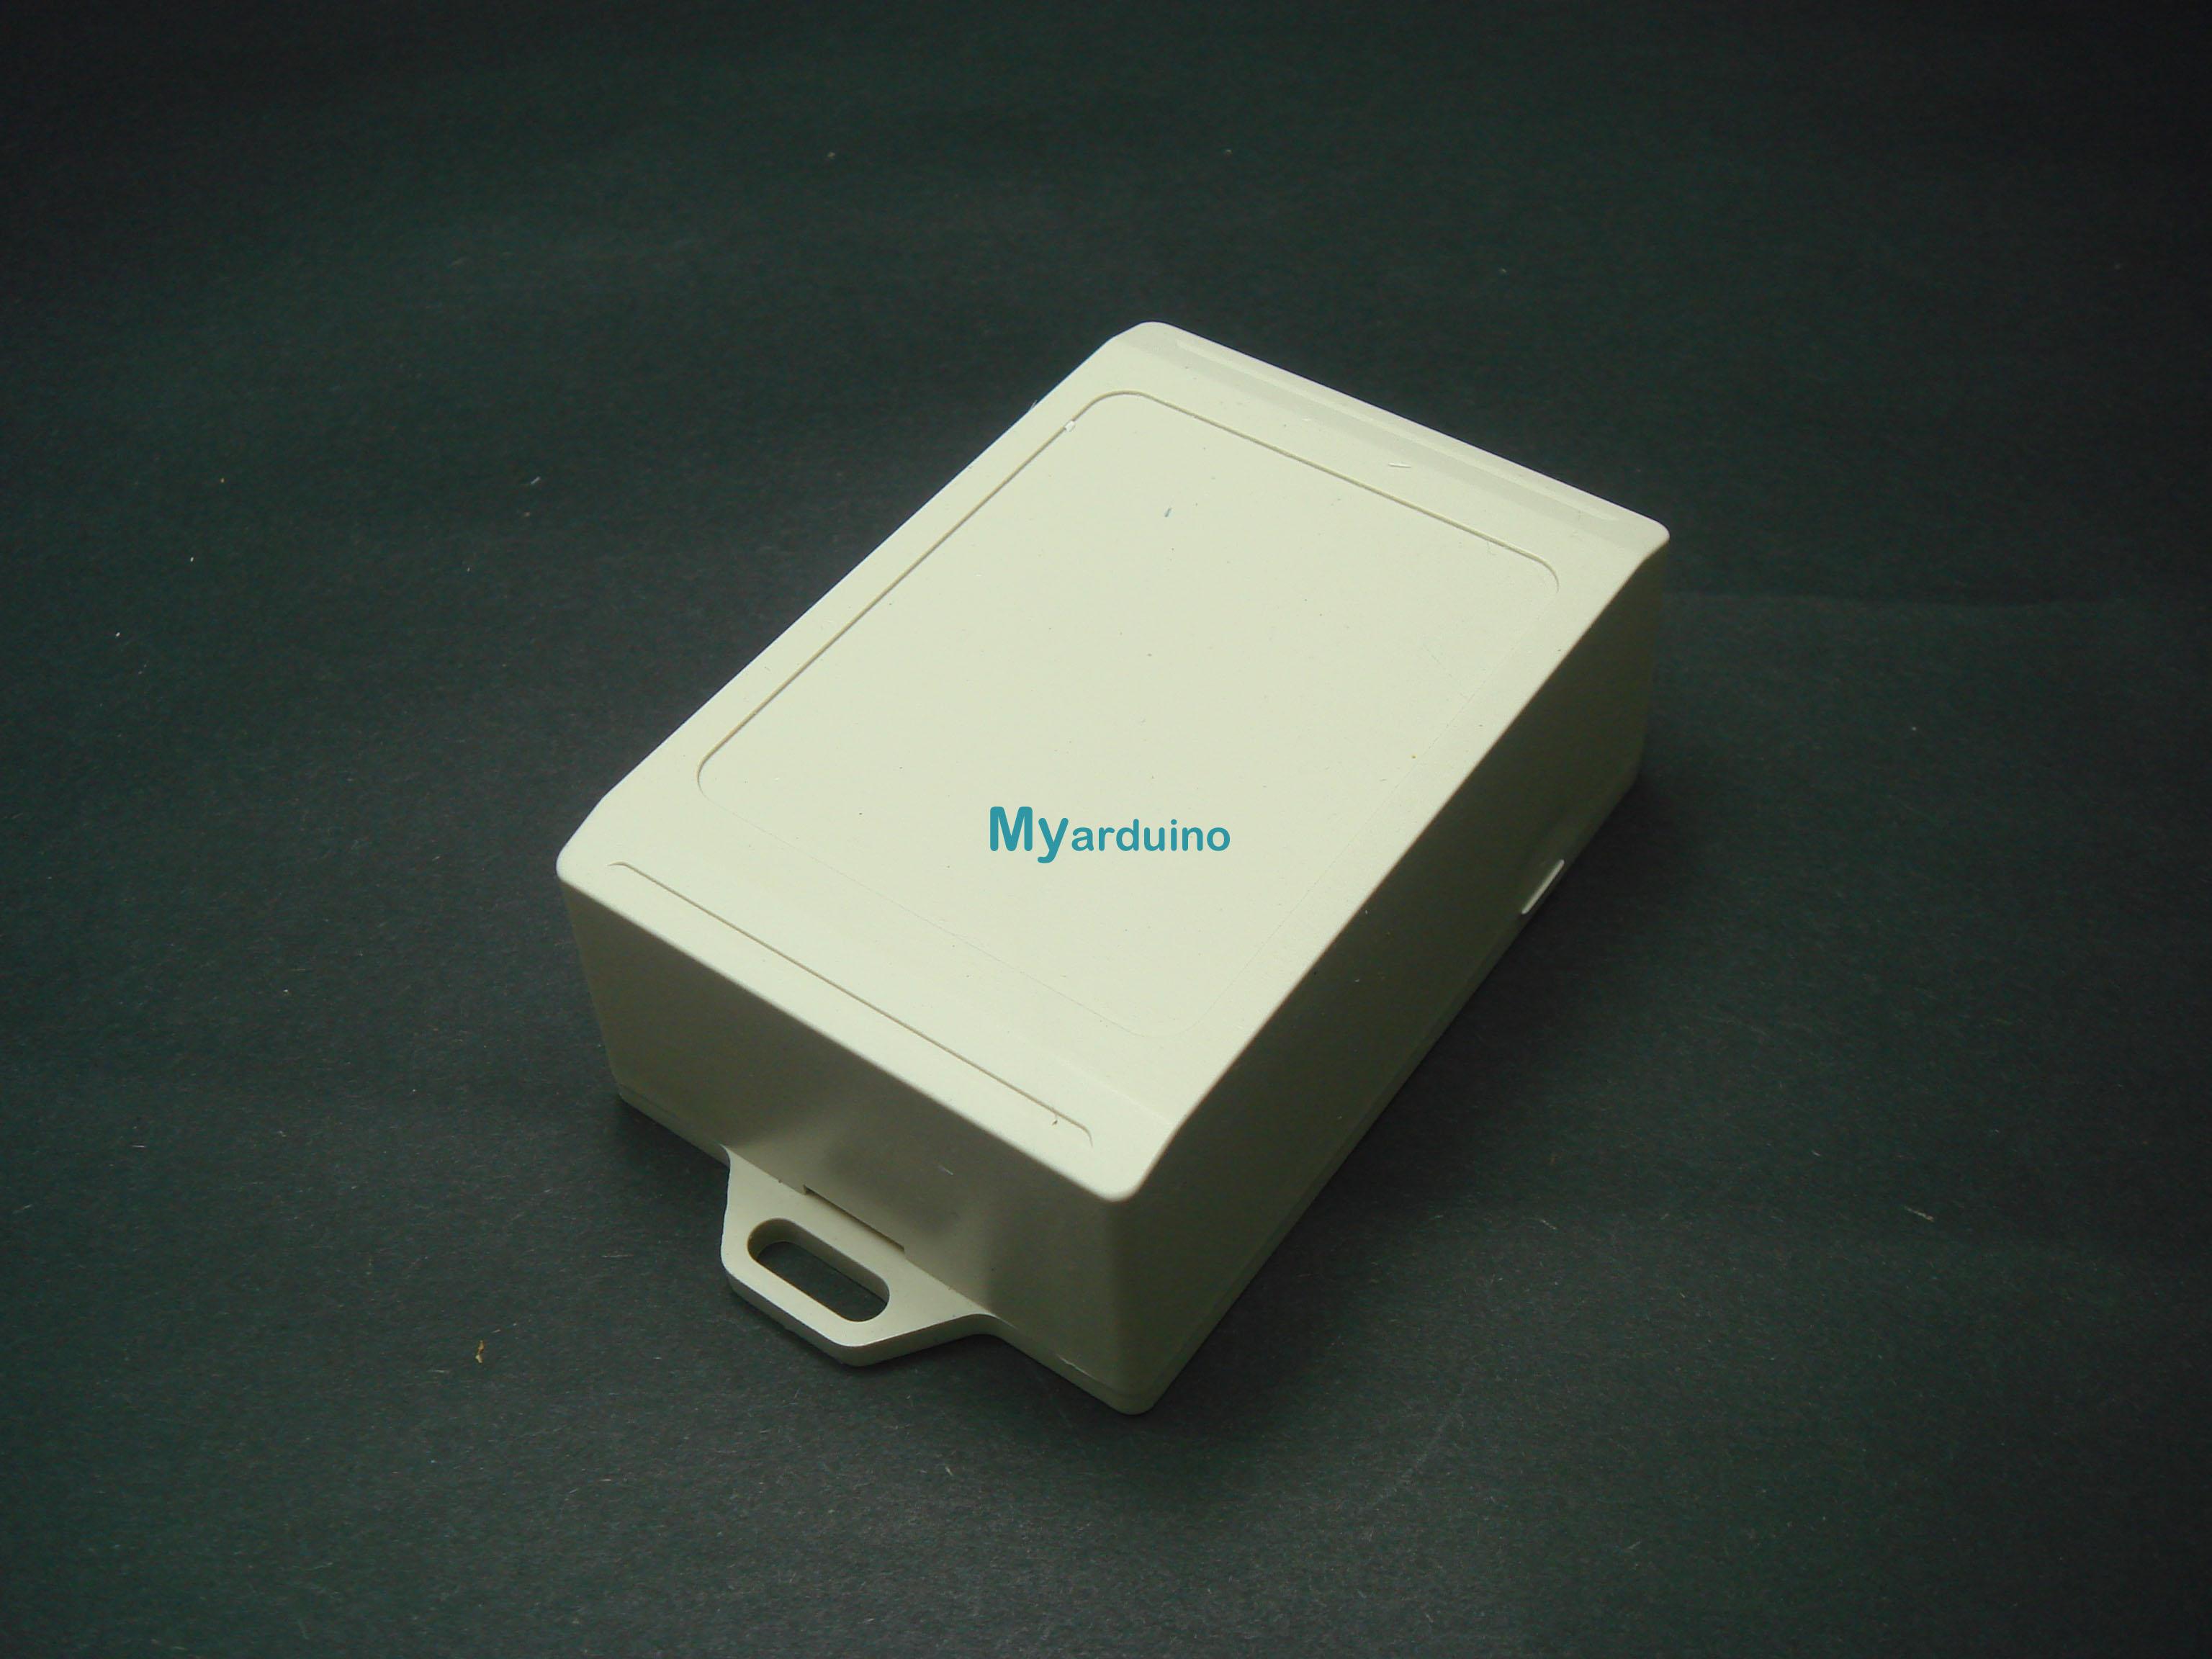 กล่องอิเล็กทรอนิกส์ อเนกประสงค์ สีเทา 79*53*30mm